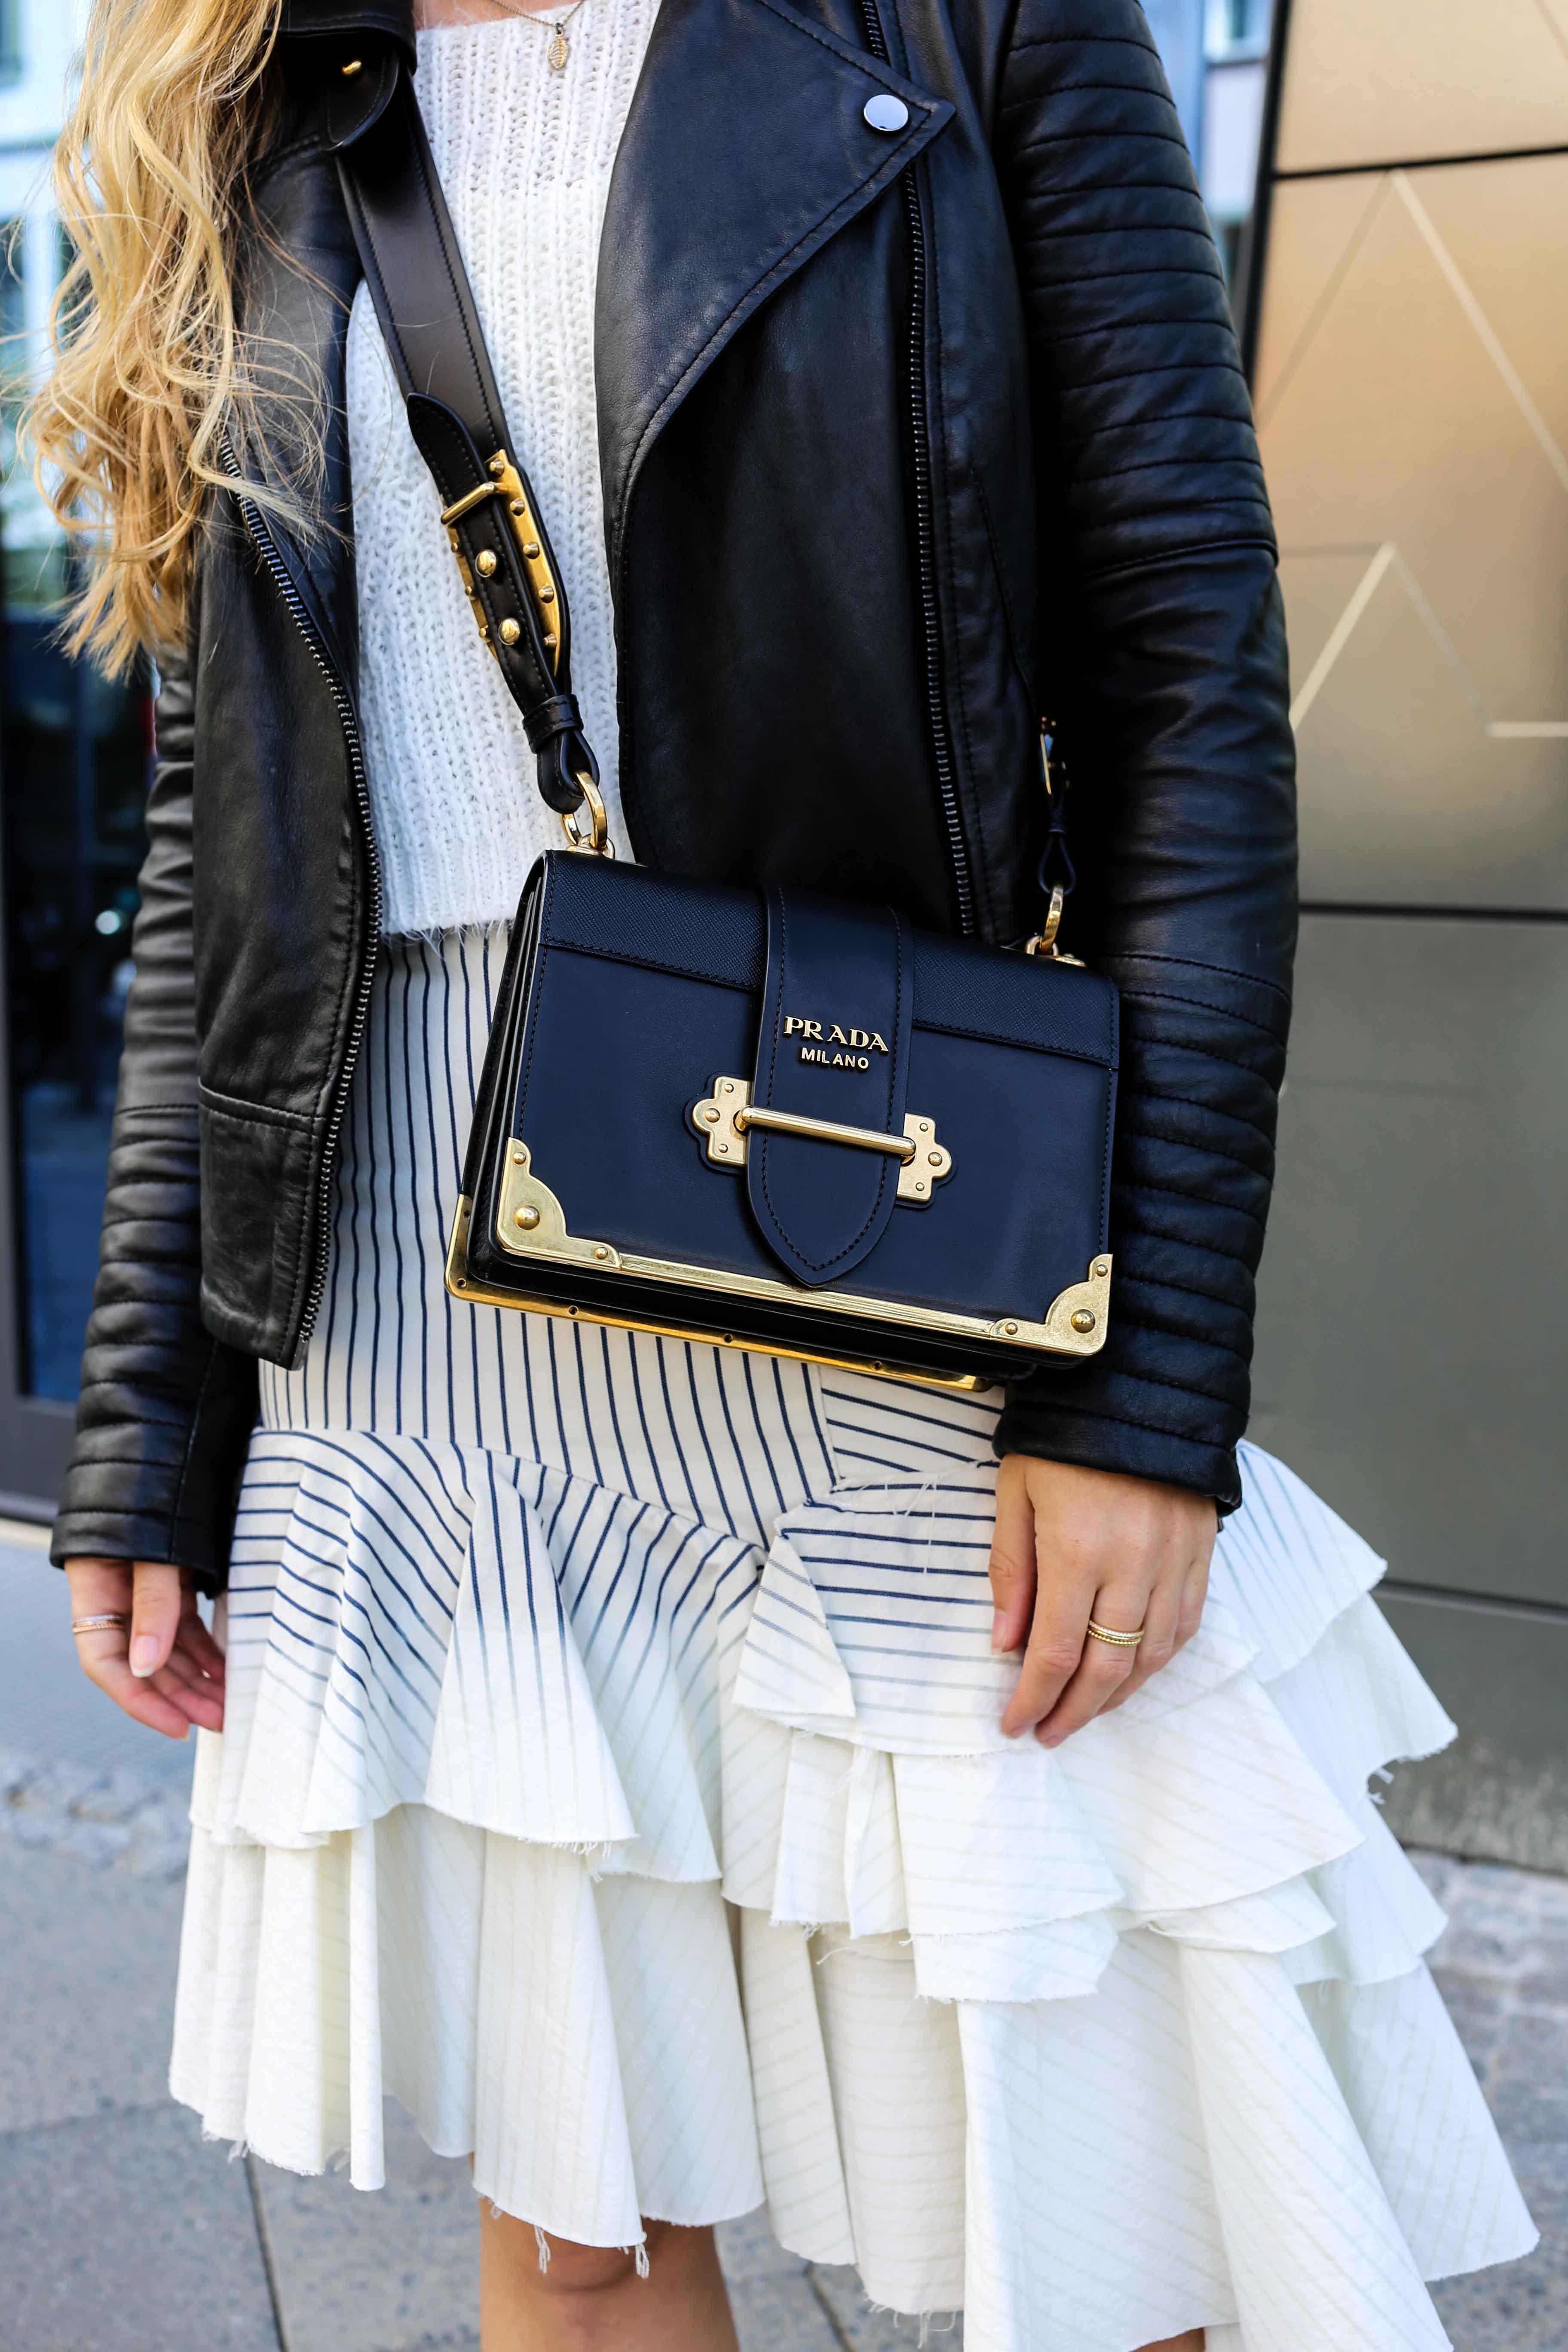 Fashion Week Outfit Berlin Asymmetrischer Jeansrock Streifen Zara Crop Top Mules Lederjacke Streetstyle Modeblog 91